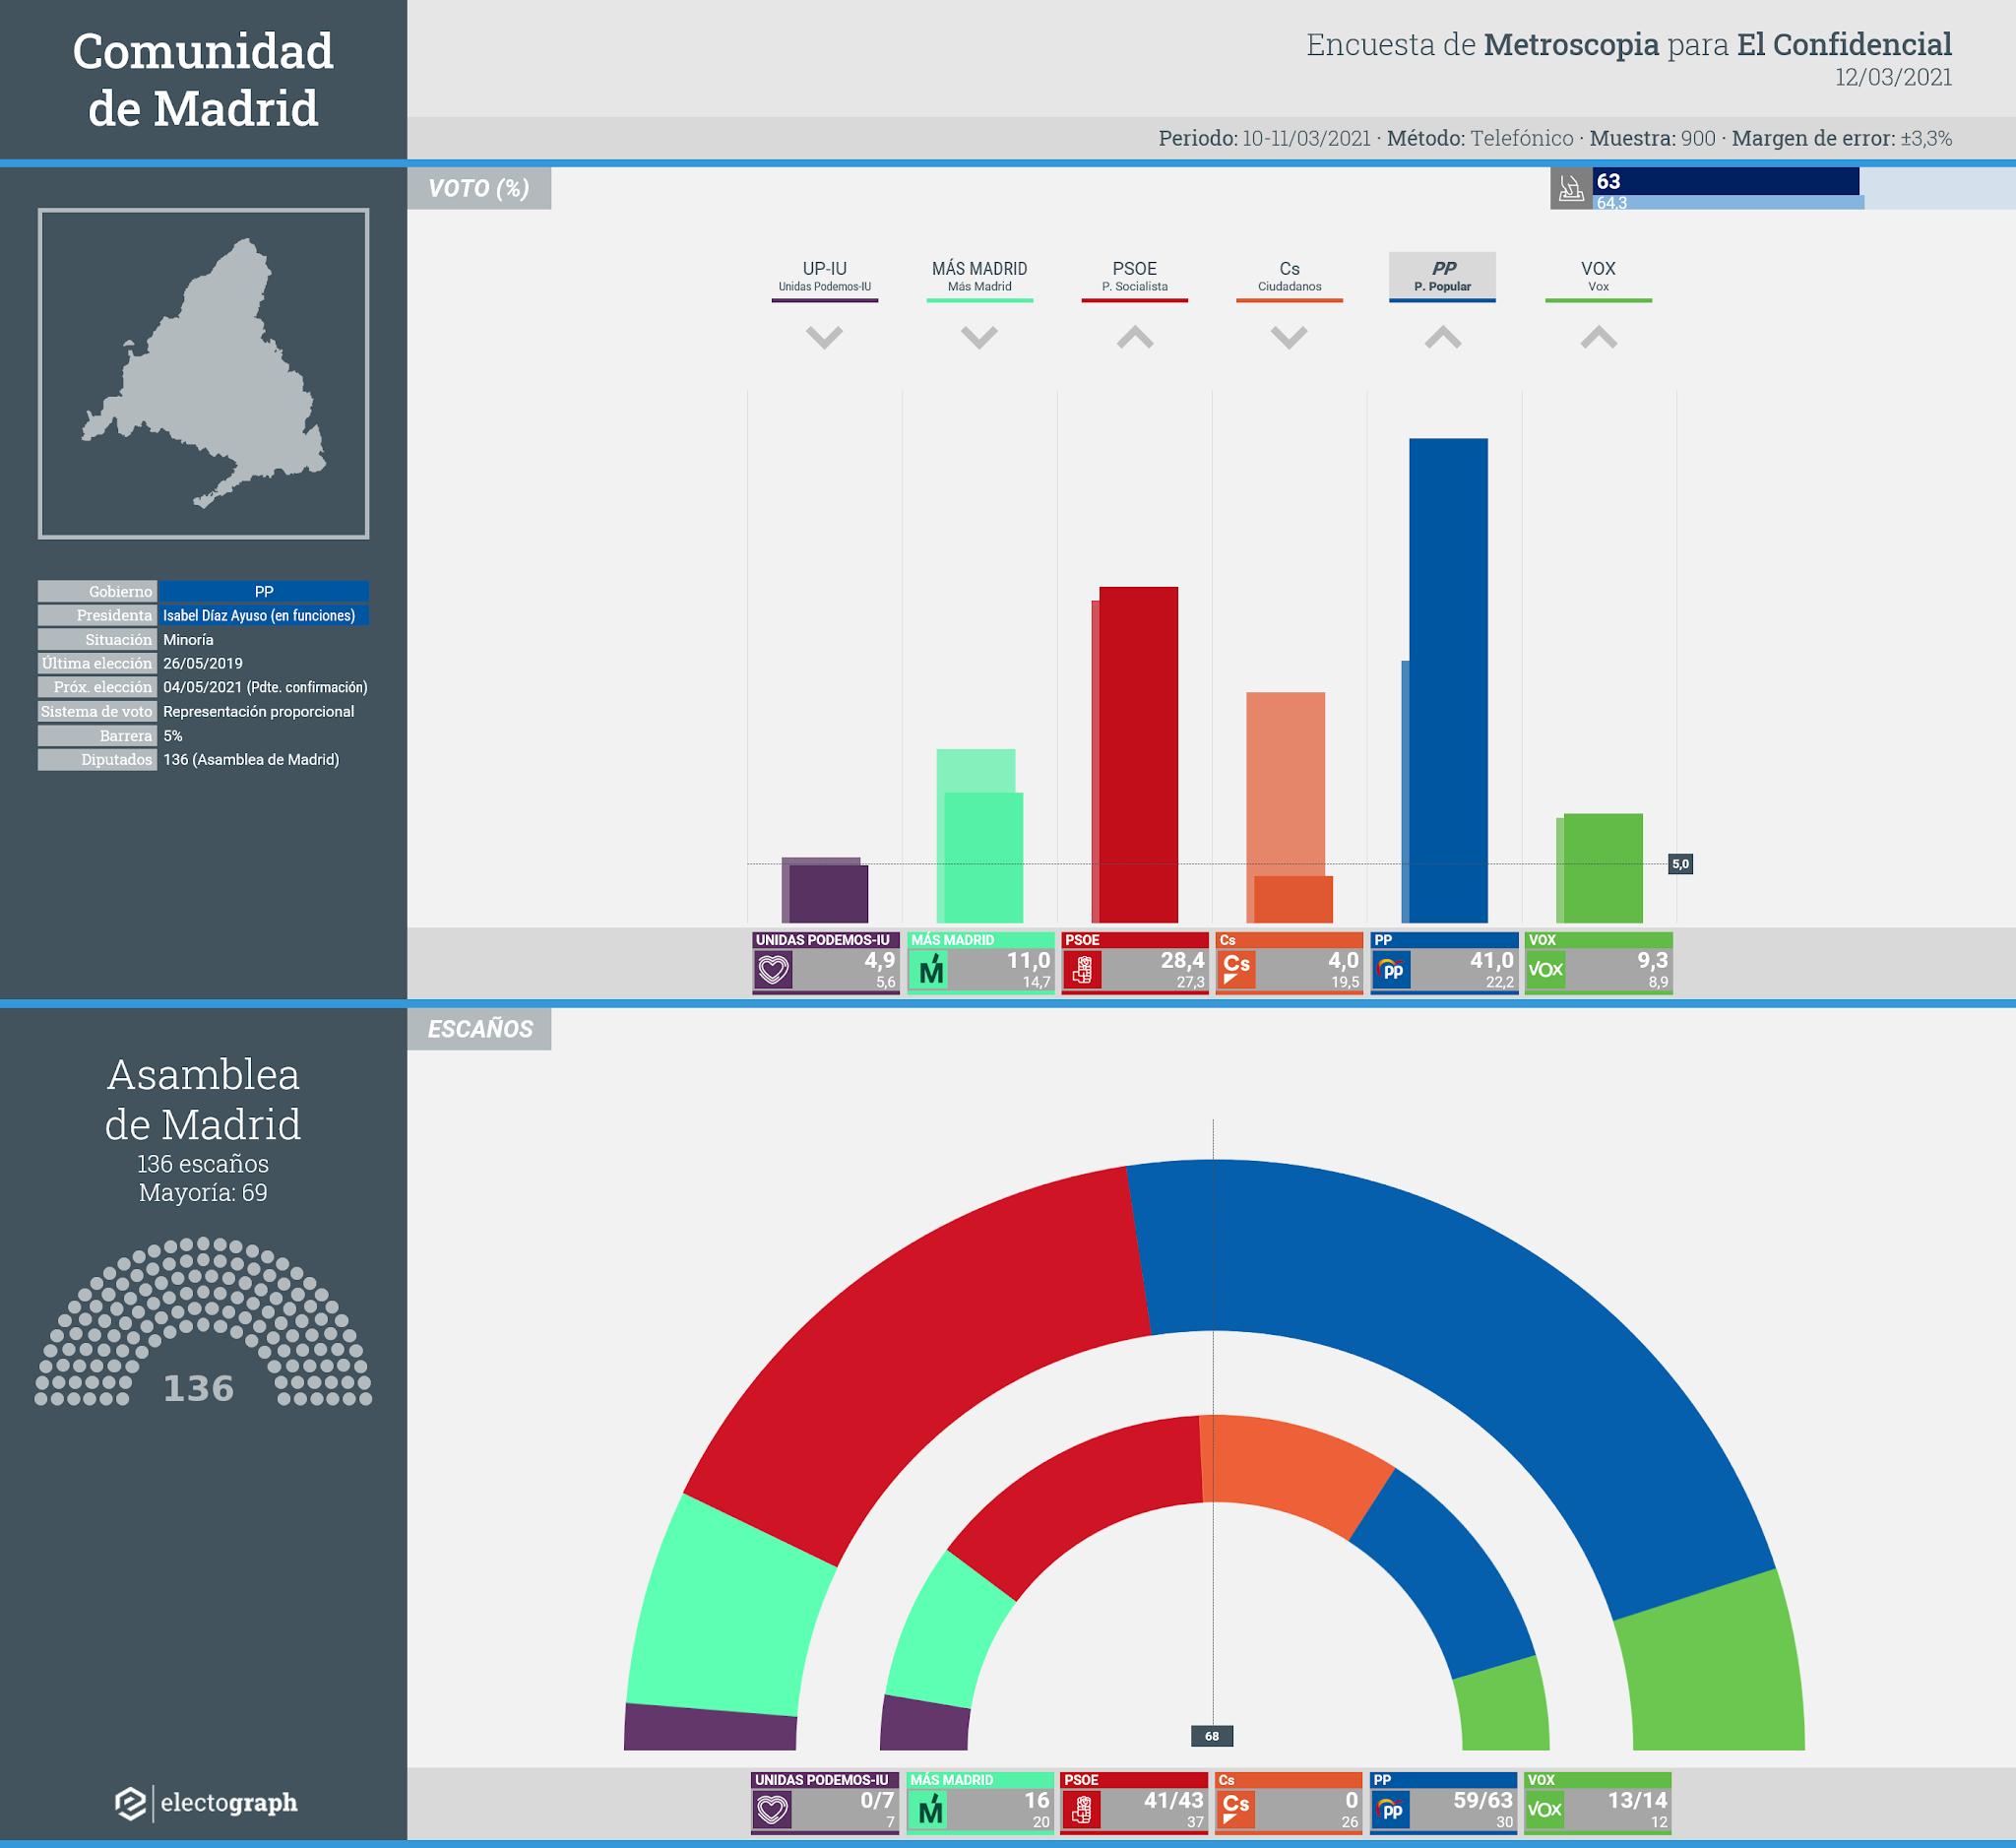 Gráfico de la encuesta para elecciones autonómicas en la Comunidad de Madrid realizada por Metroscopia para El Confidencial, 12 de marzo de 2021